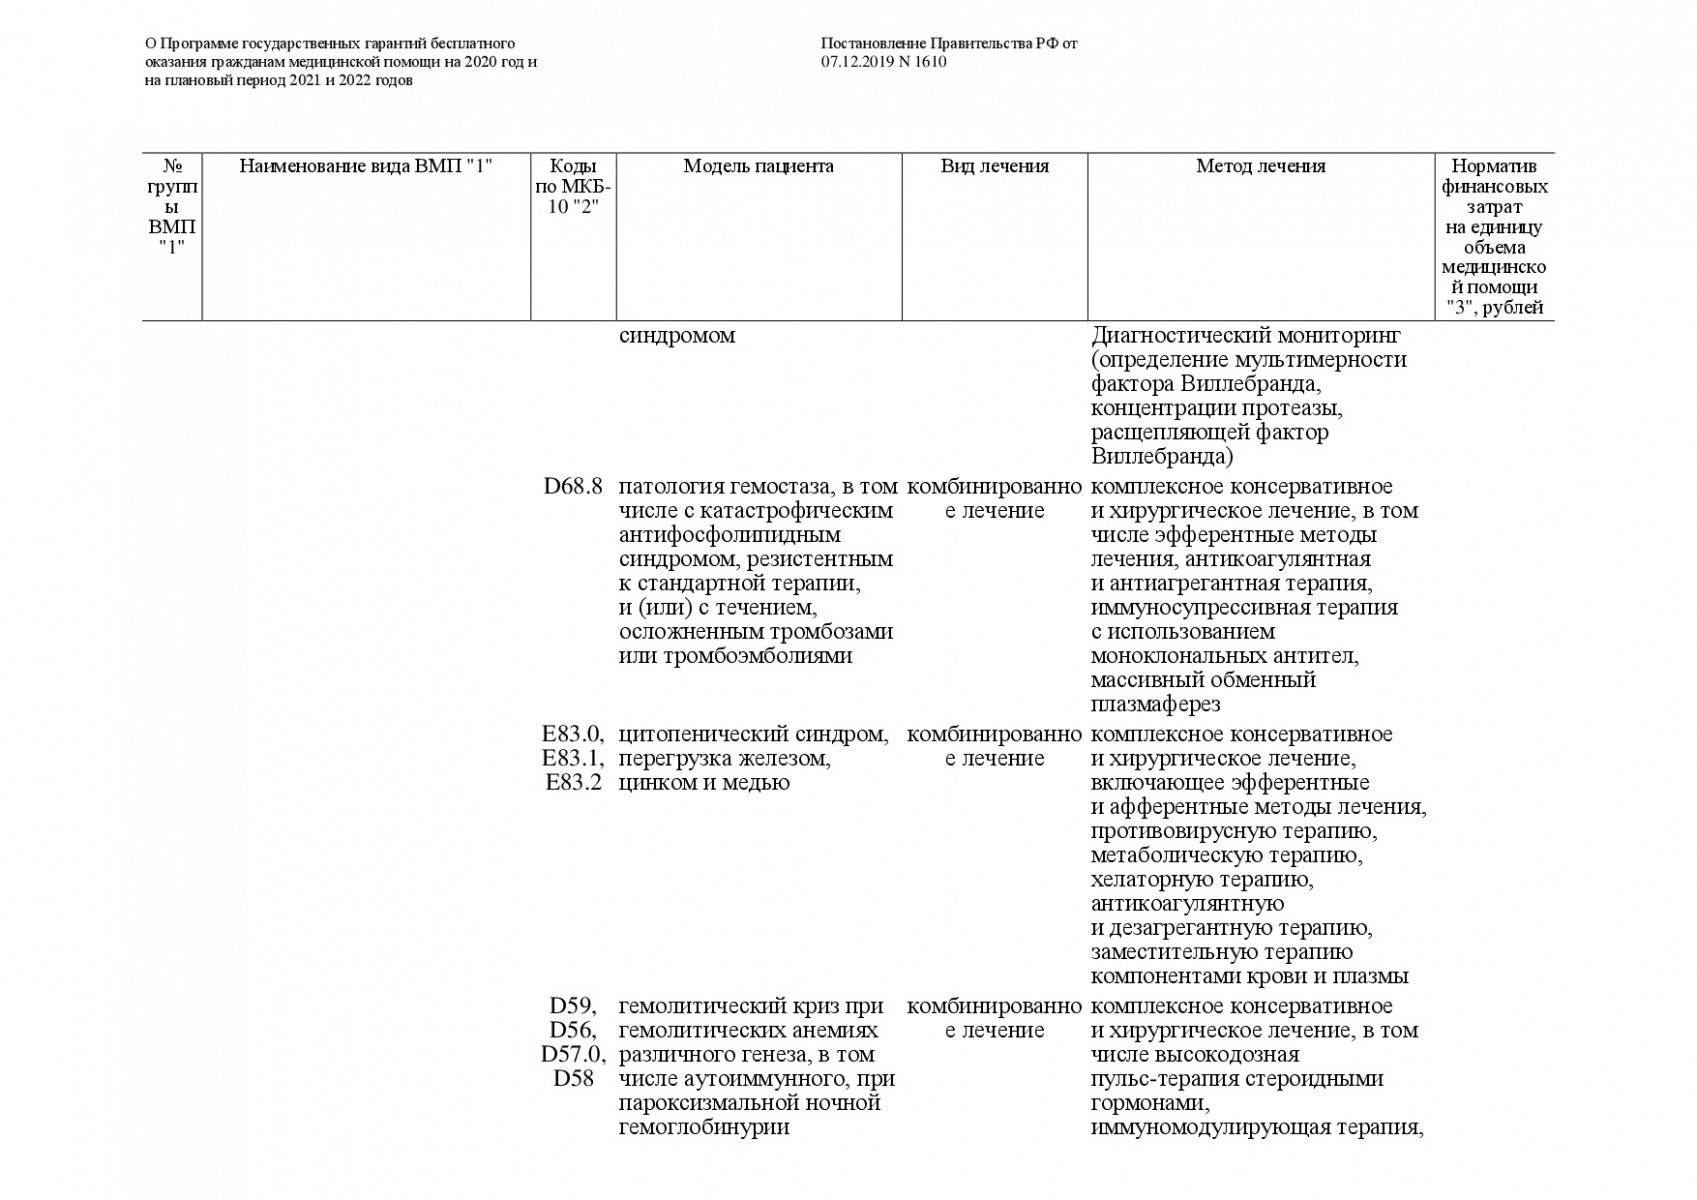 Postanovlenie-Pravitelstva-RF-ot-07_12_2019-1610-O-PGG-042